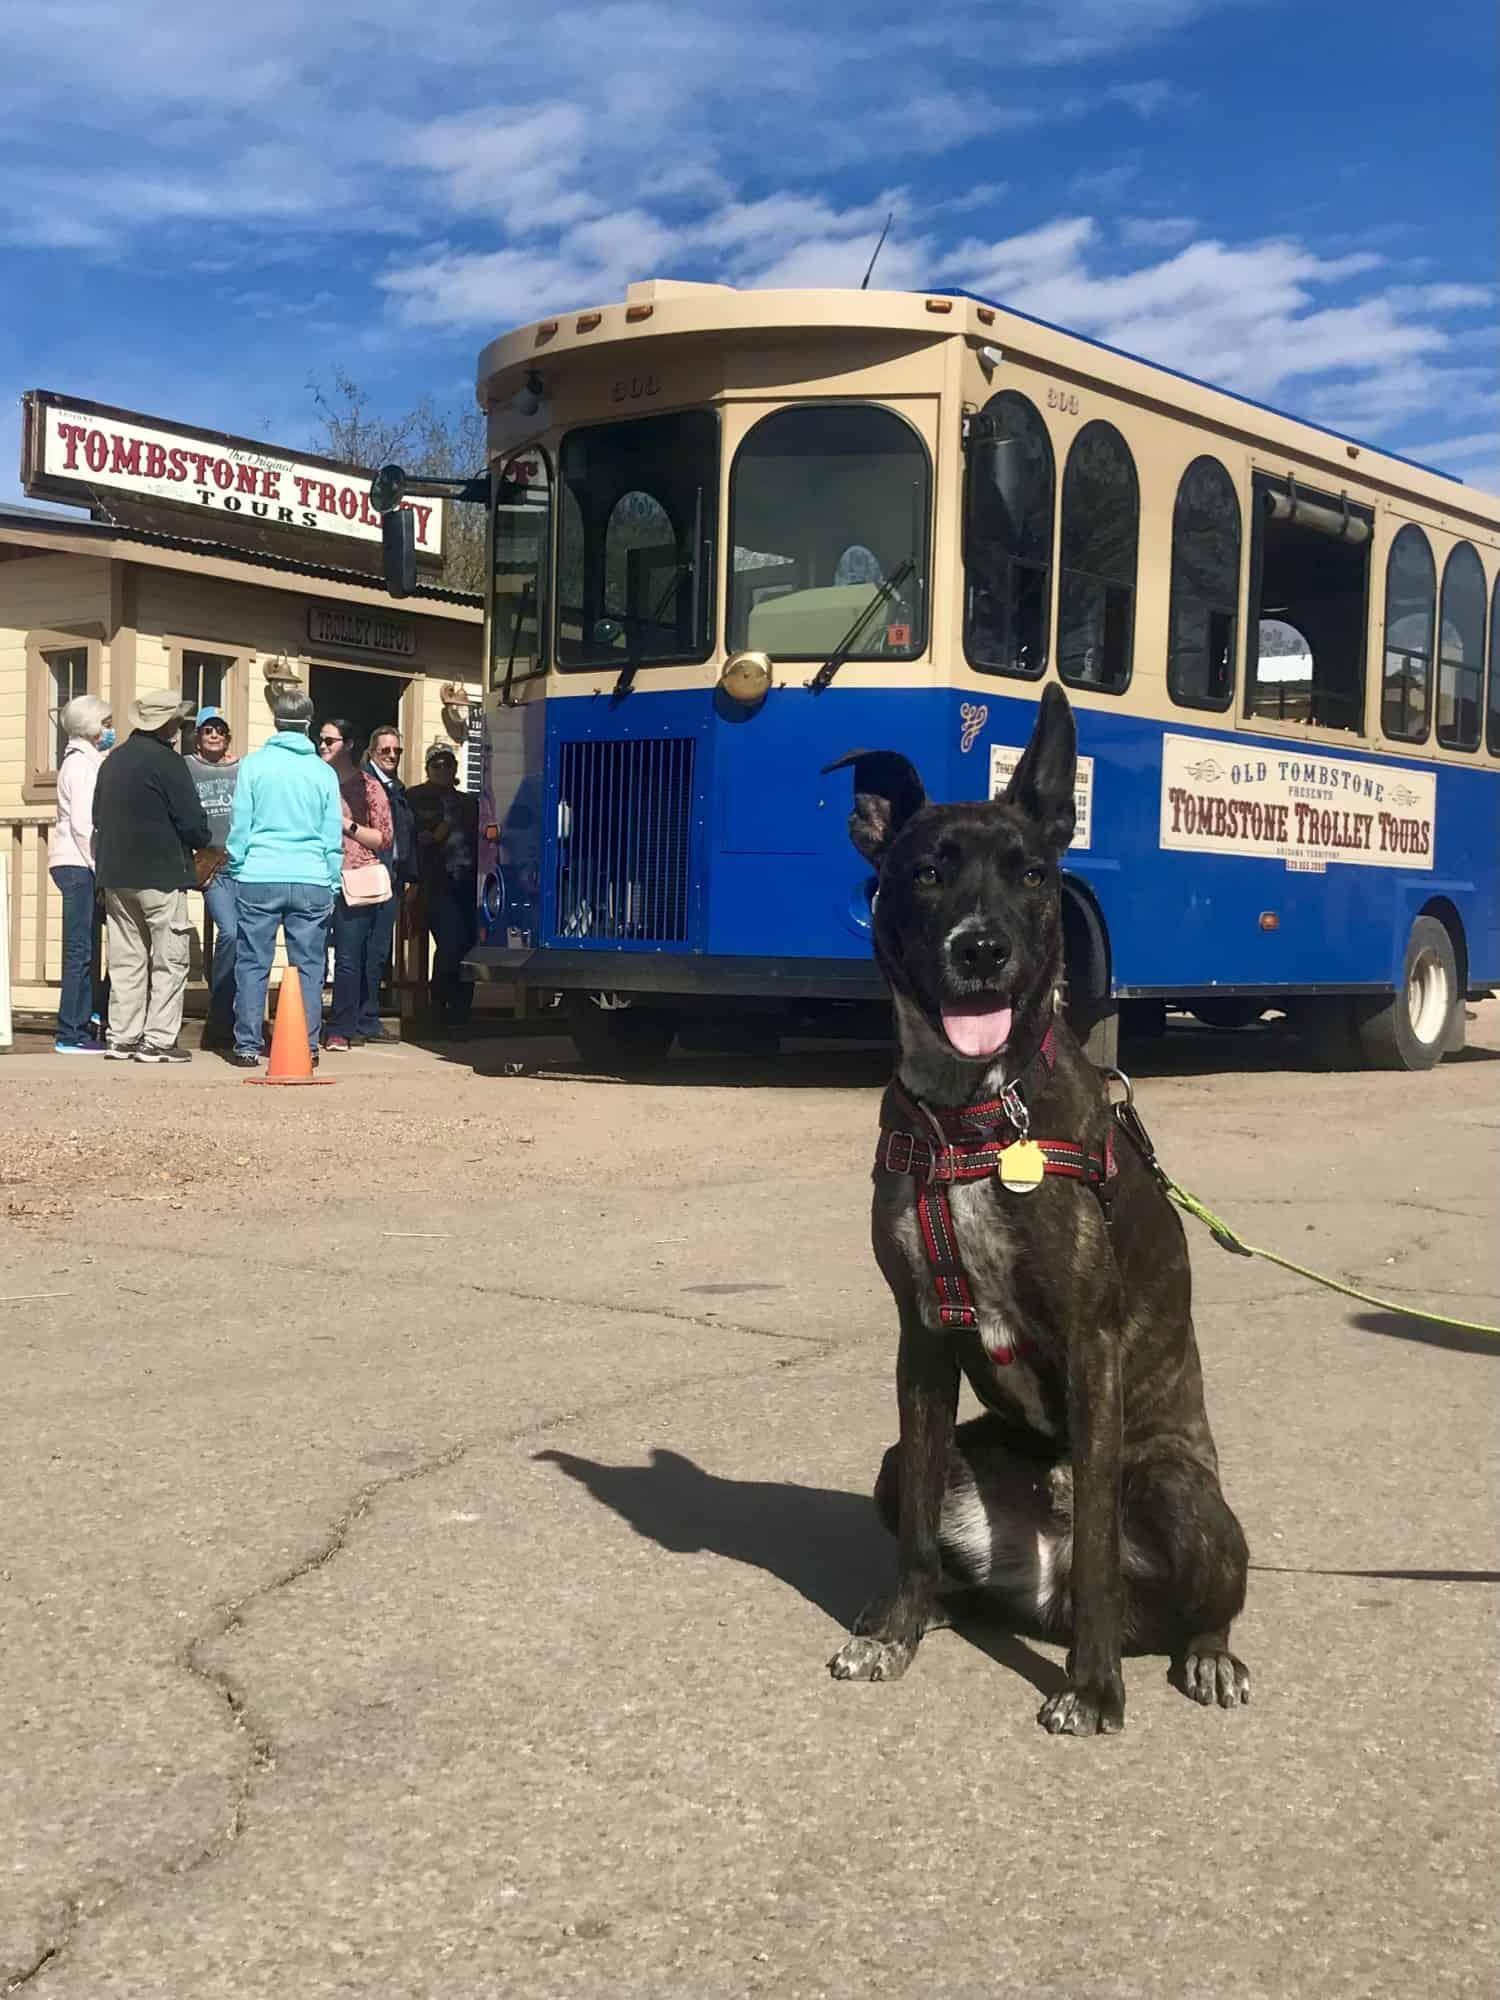 Brindle dog sitting near a pet friendly trolley car in Tombstone, Arizona